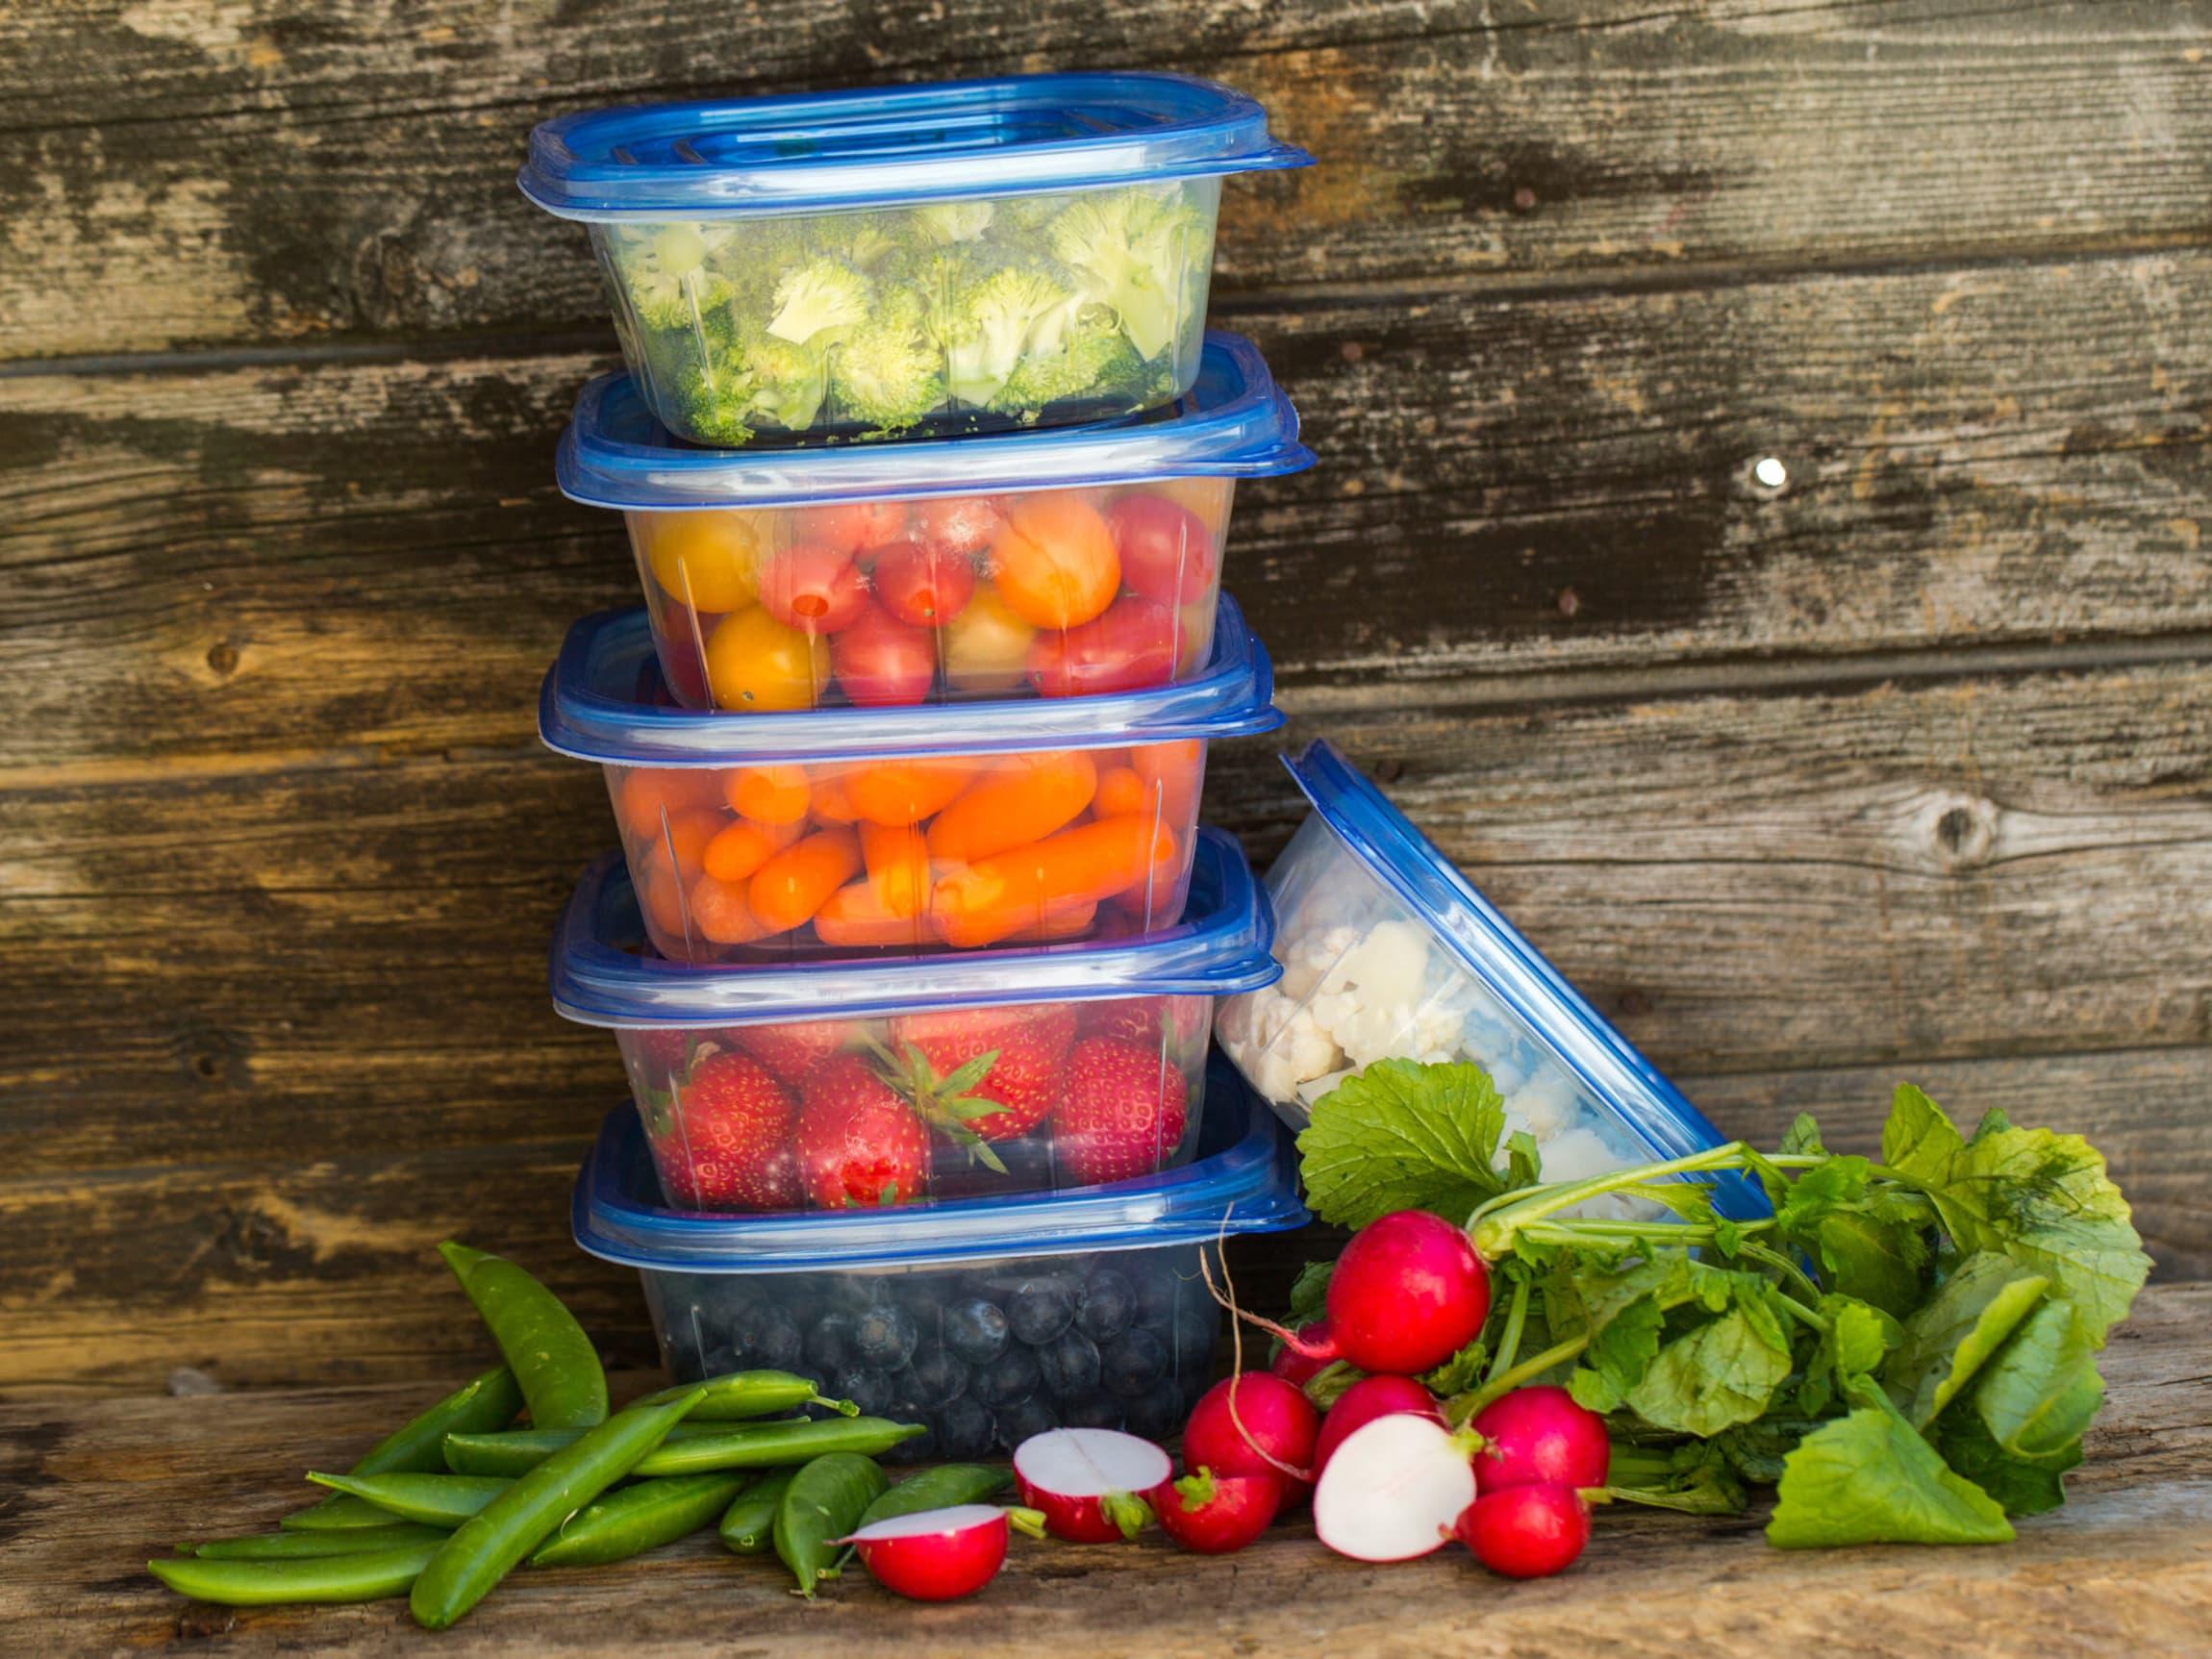 Pakk grønnsakene godt inn, gjerne i en boks, for at de skal holde lenger.